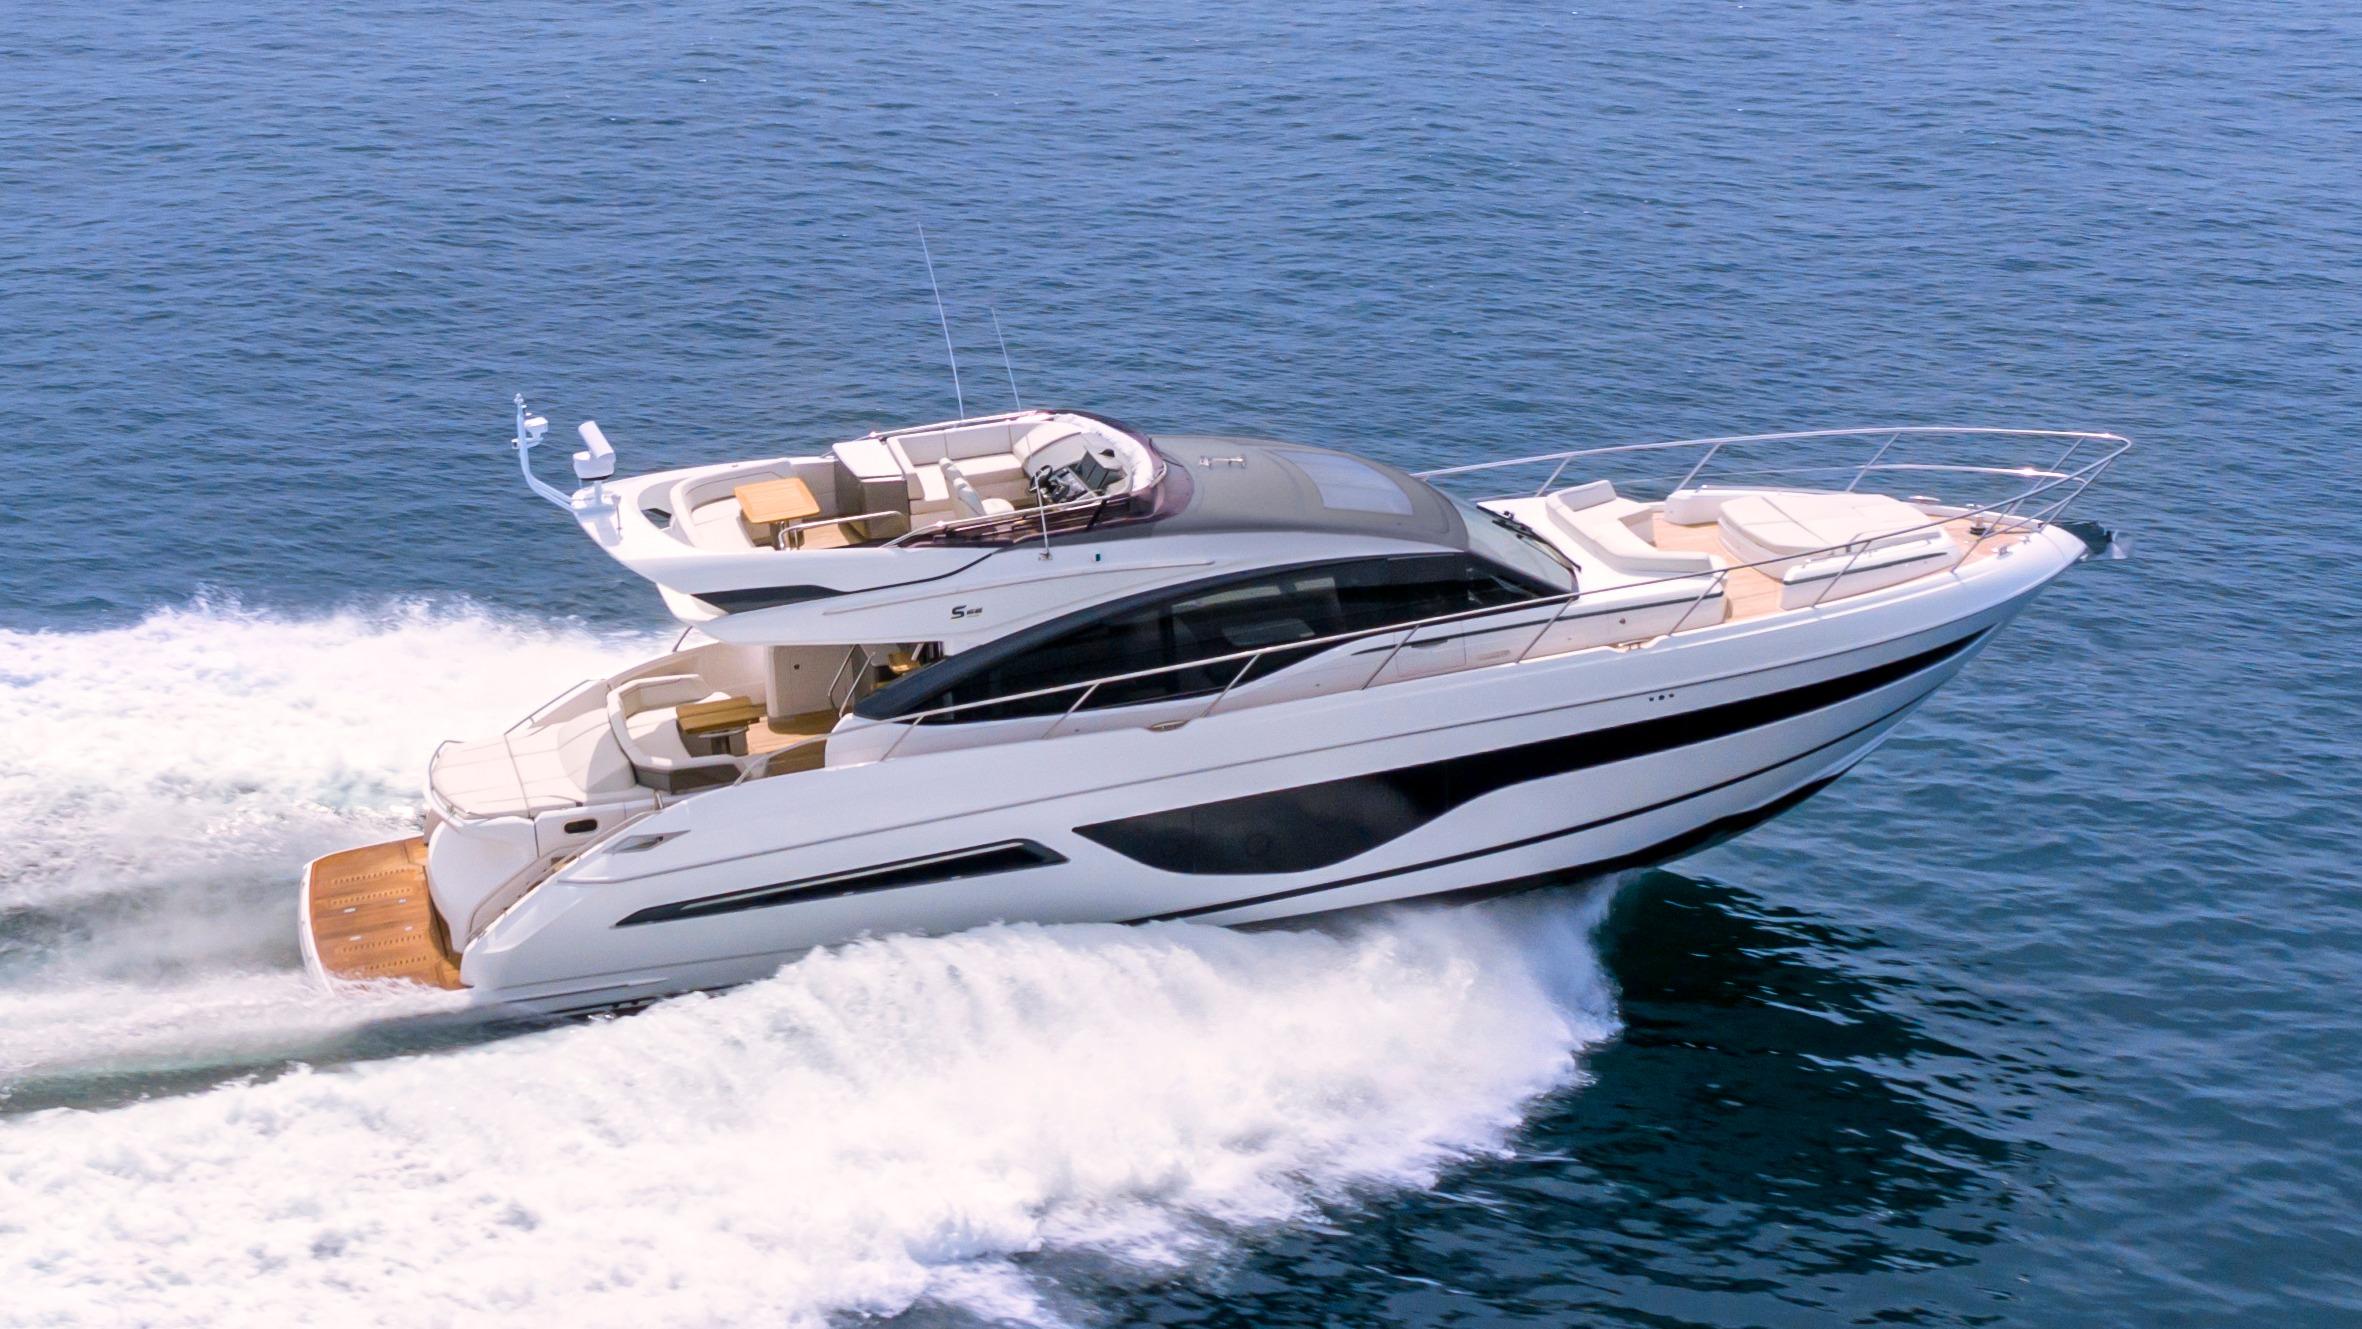 s66-exterior-white-hull-01